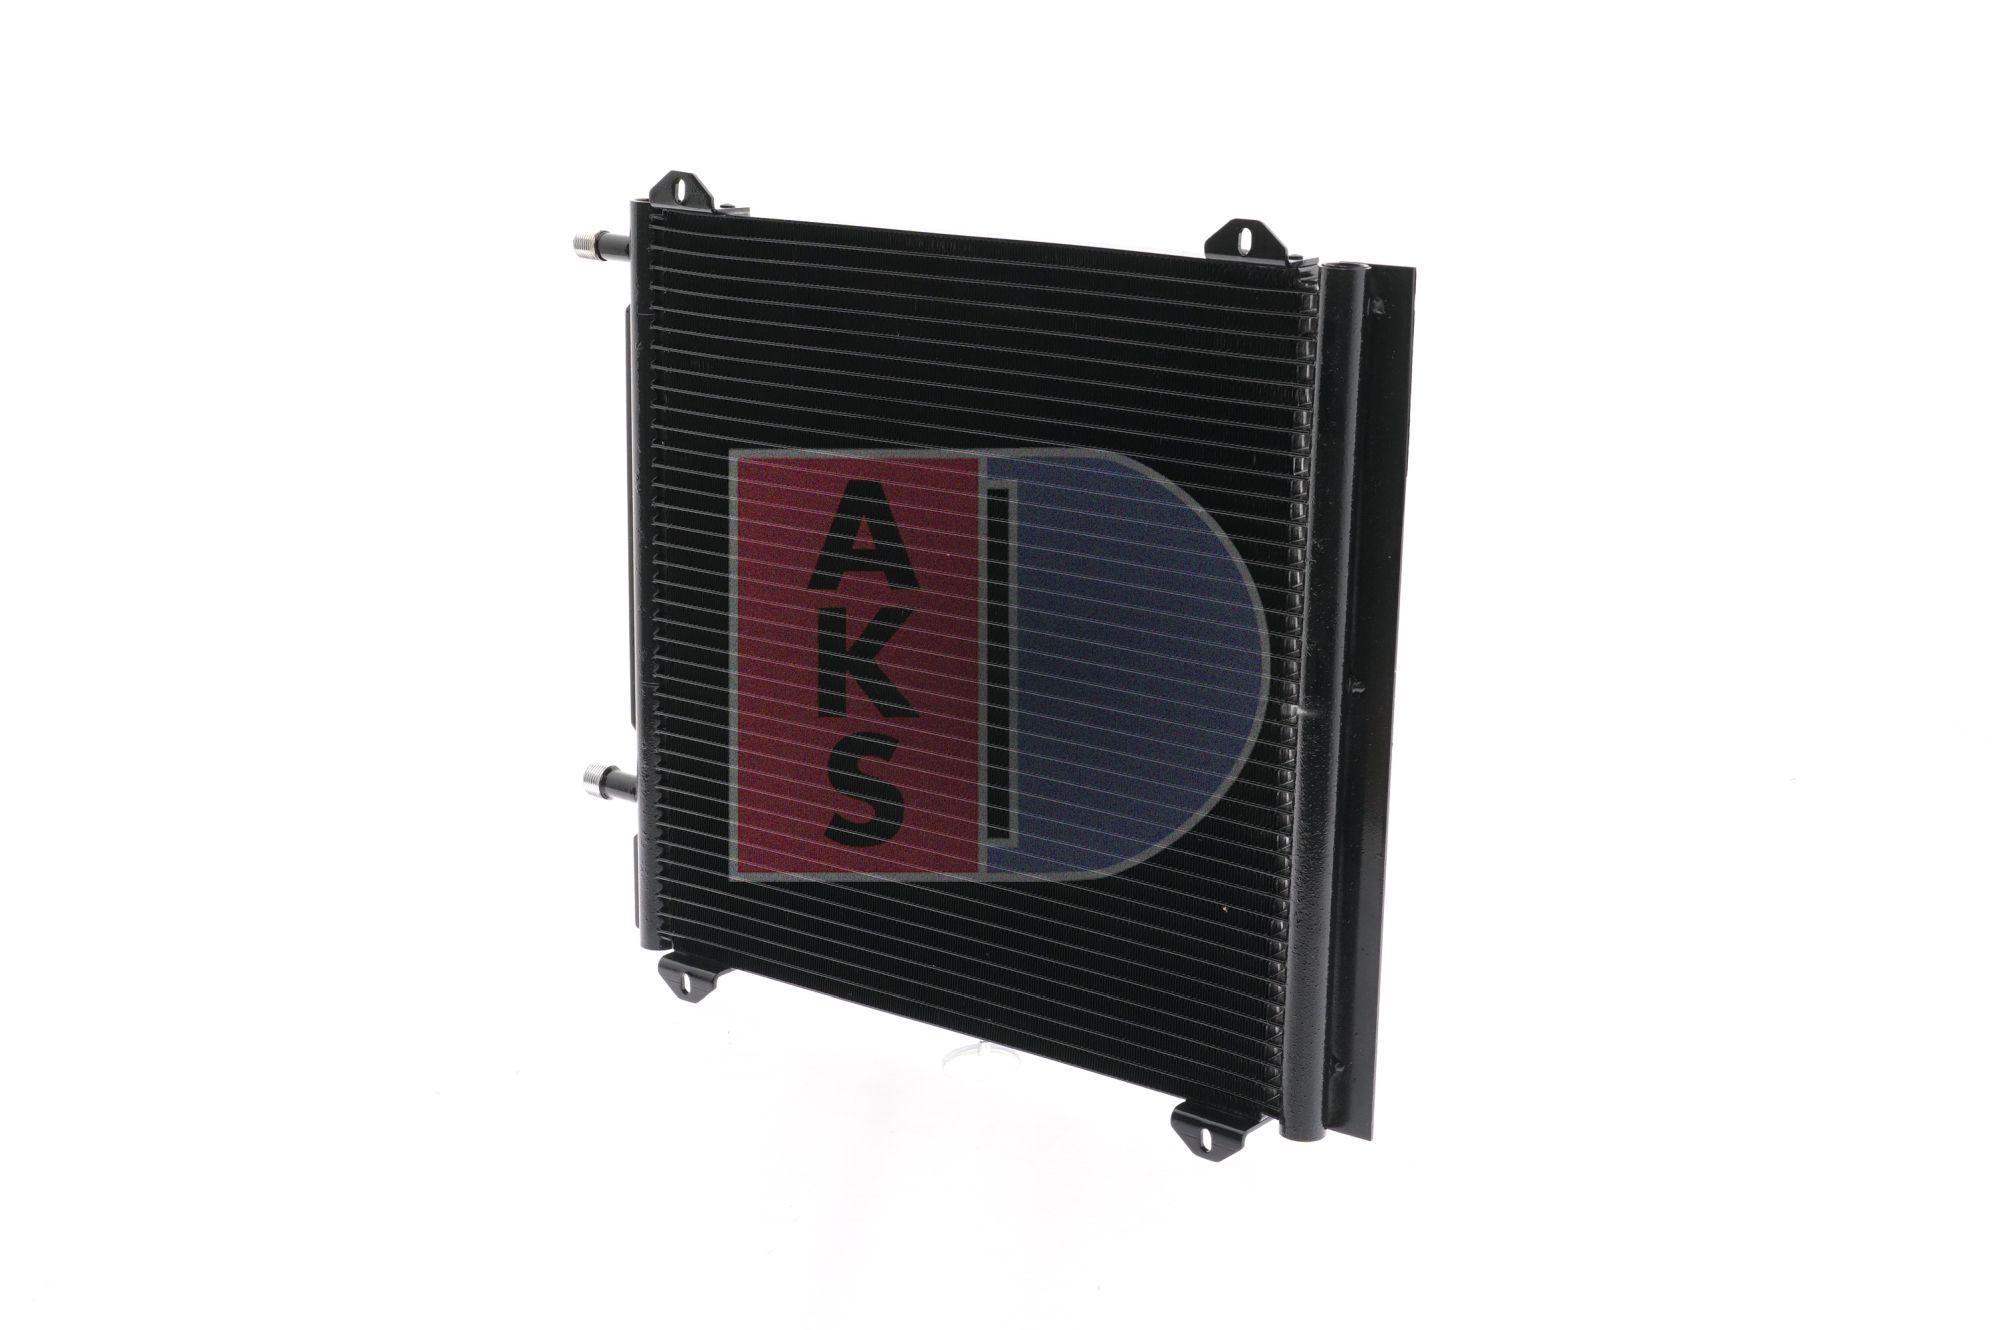 AKS DASIS 182023N : Condenseur pour Twingo c06 1.2 2001 58 CH à un prix avantageux